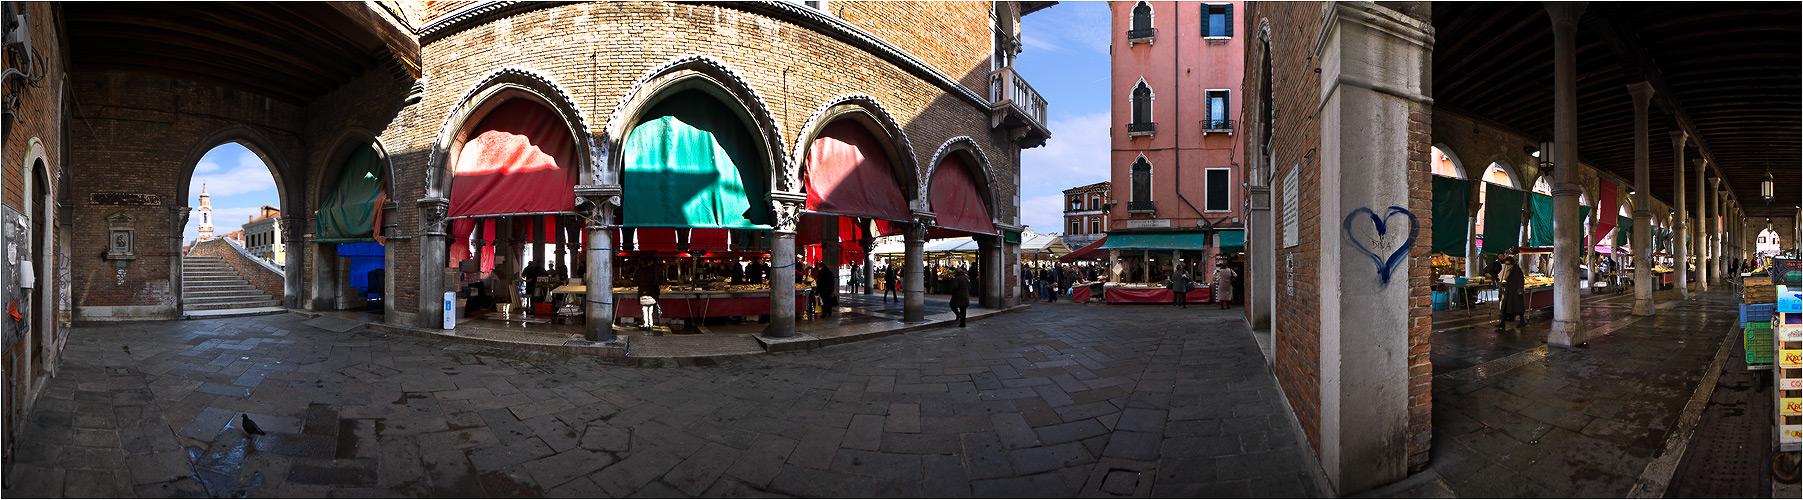 Venedig 12 34